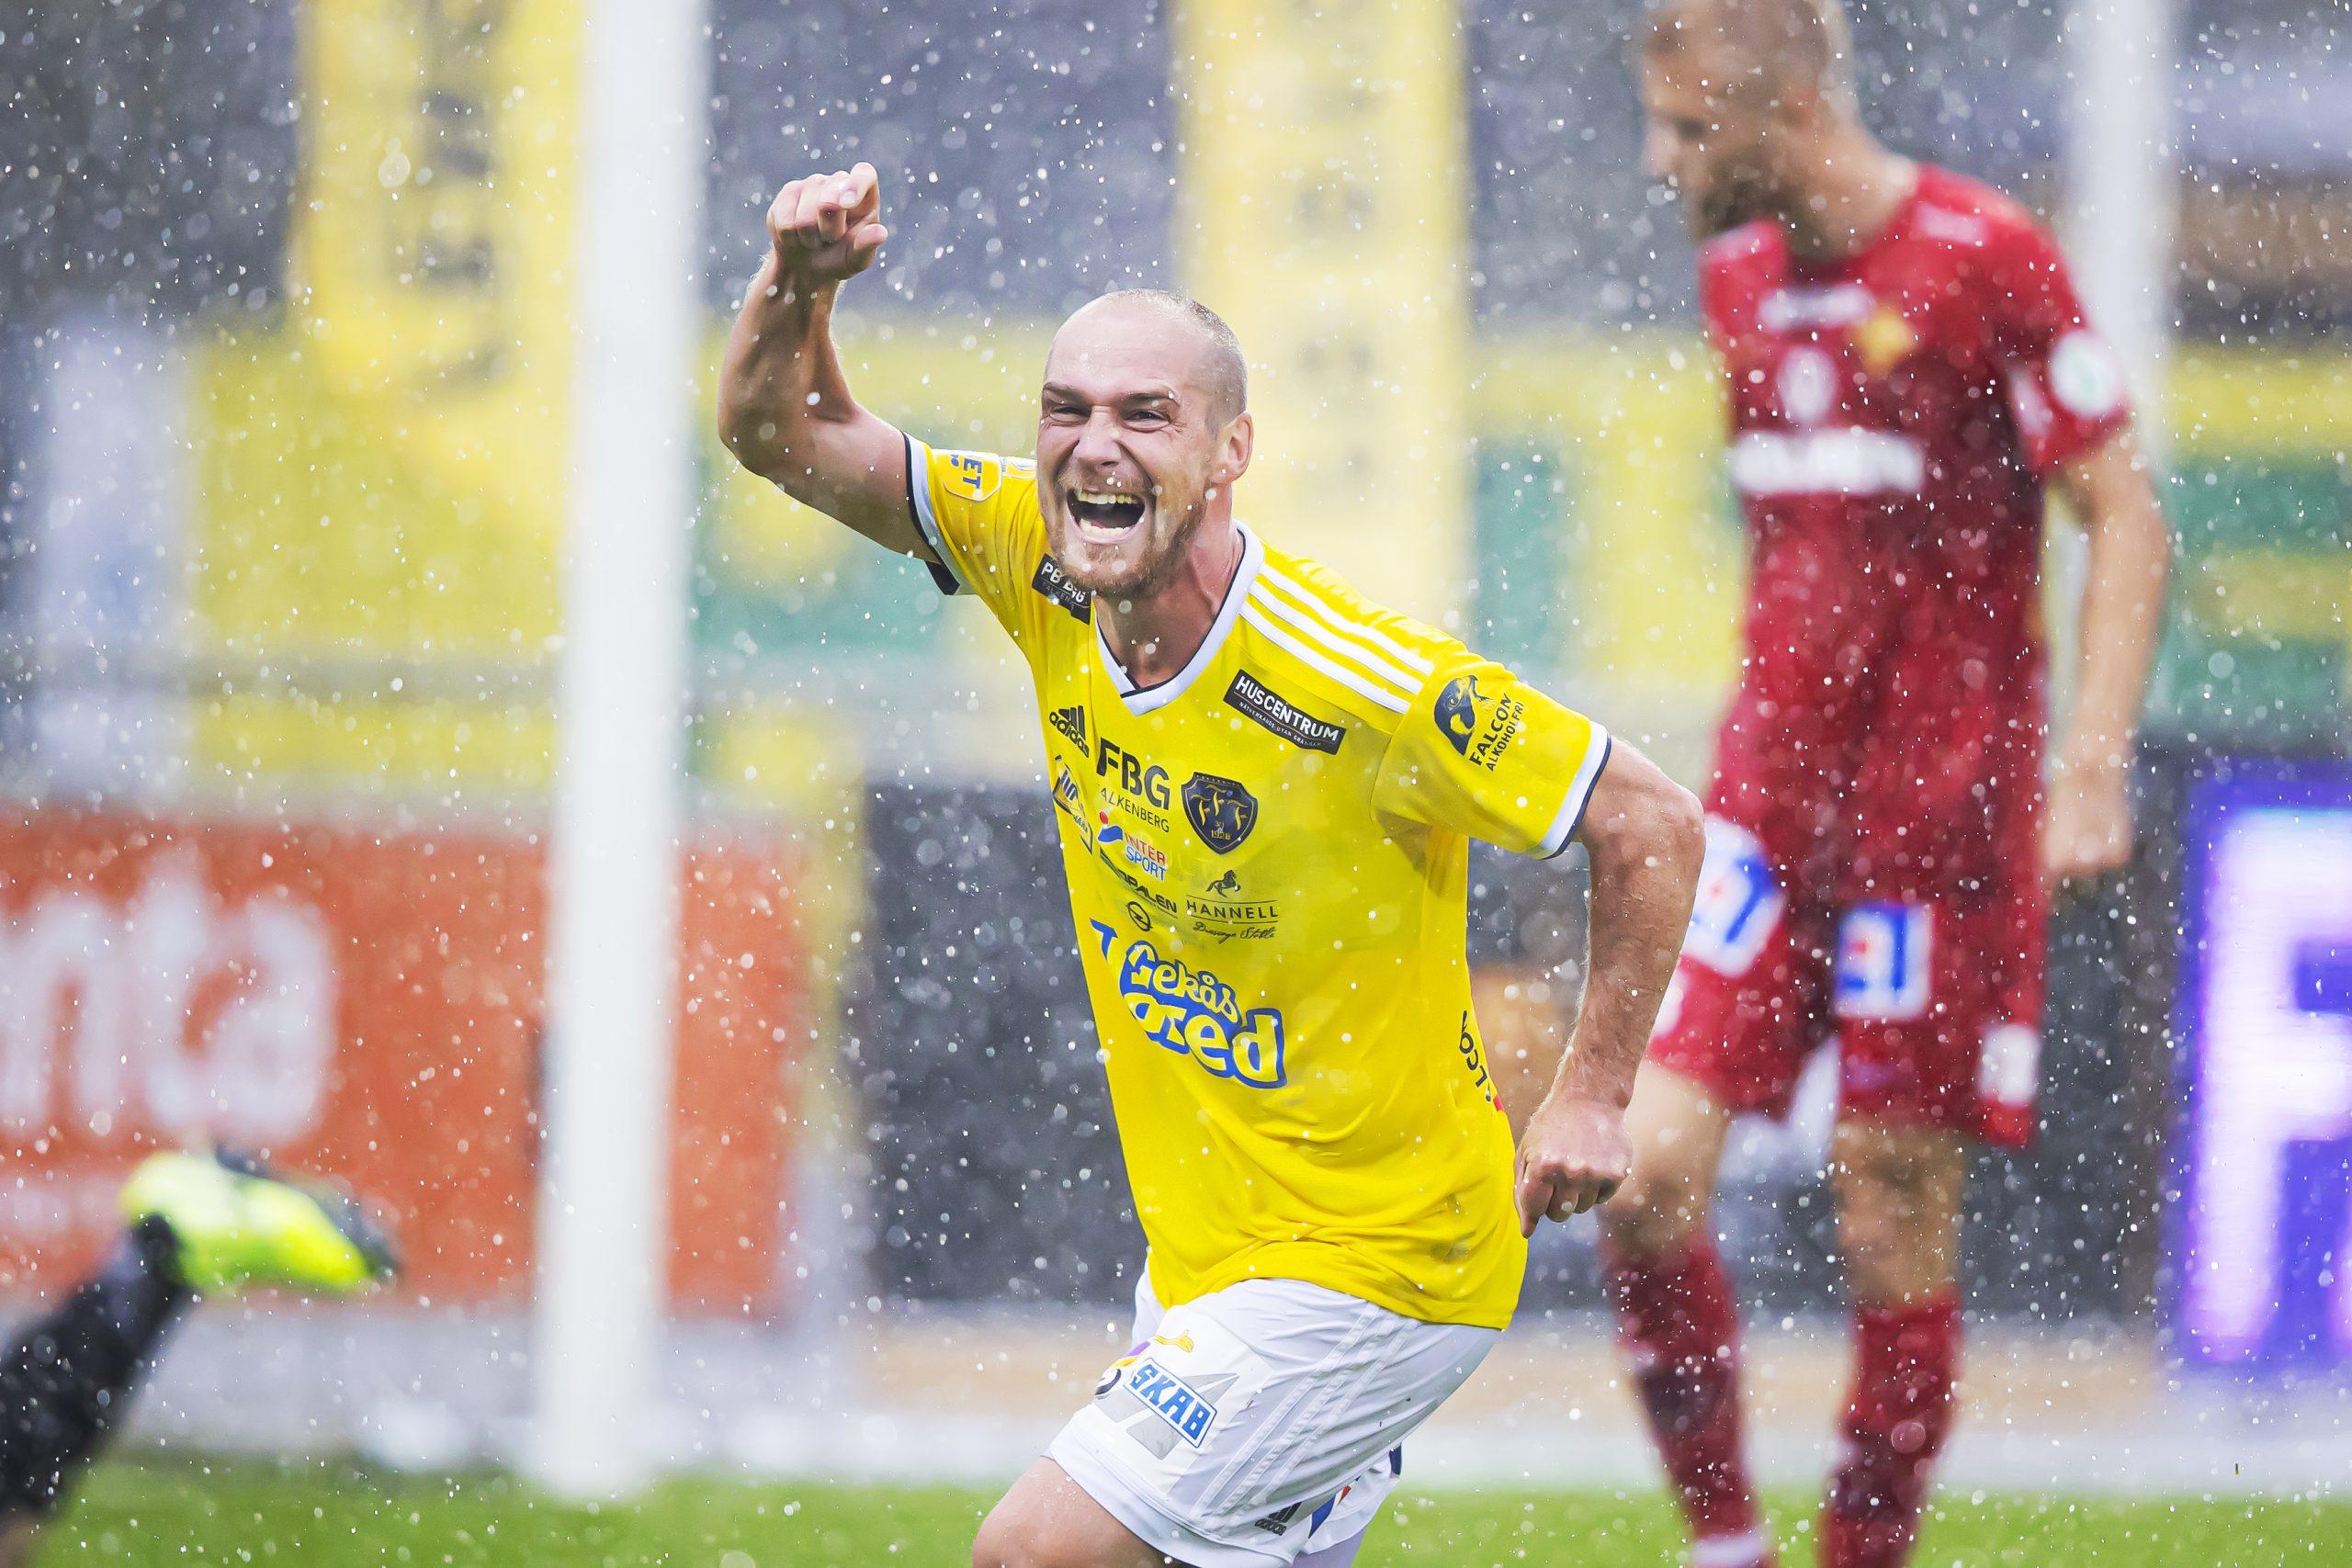 3-3 mot IFK Norrköping efter tveksam straff